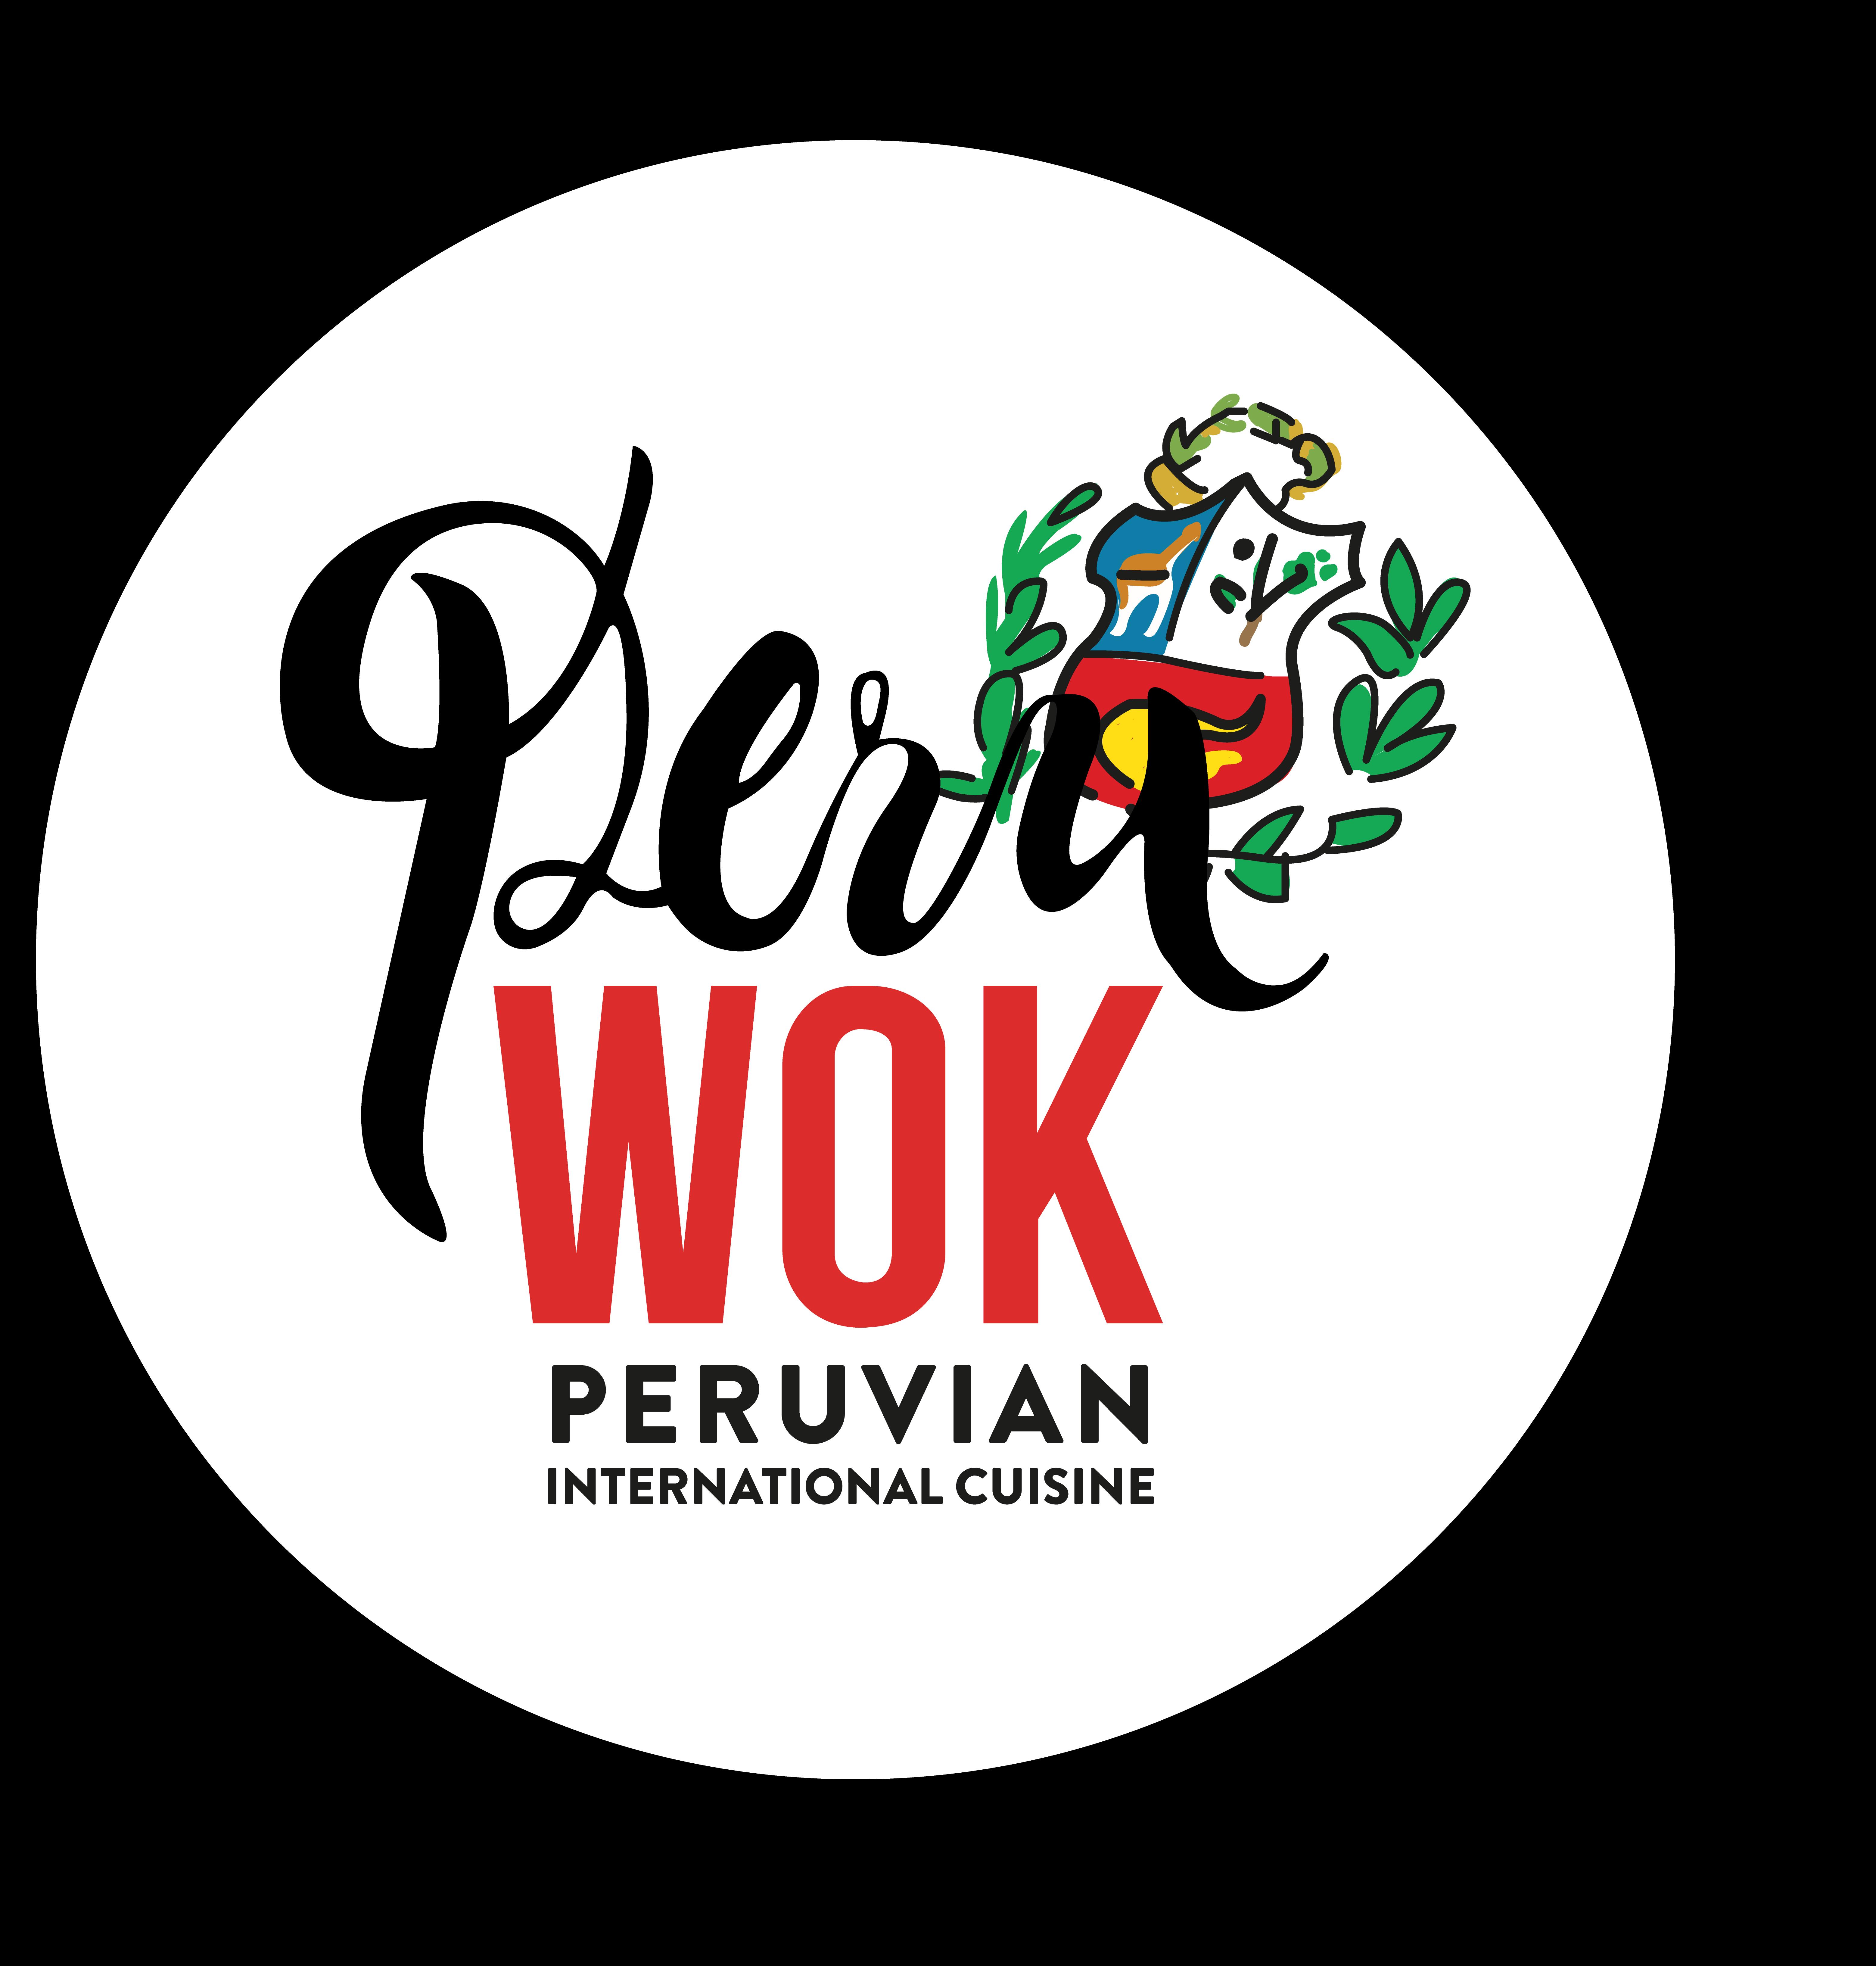 PeruWokCuisine